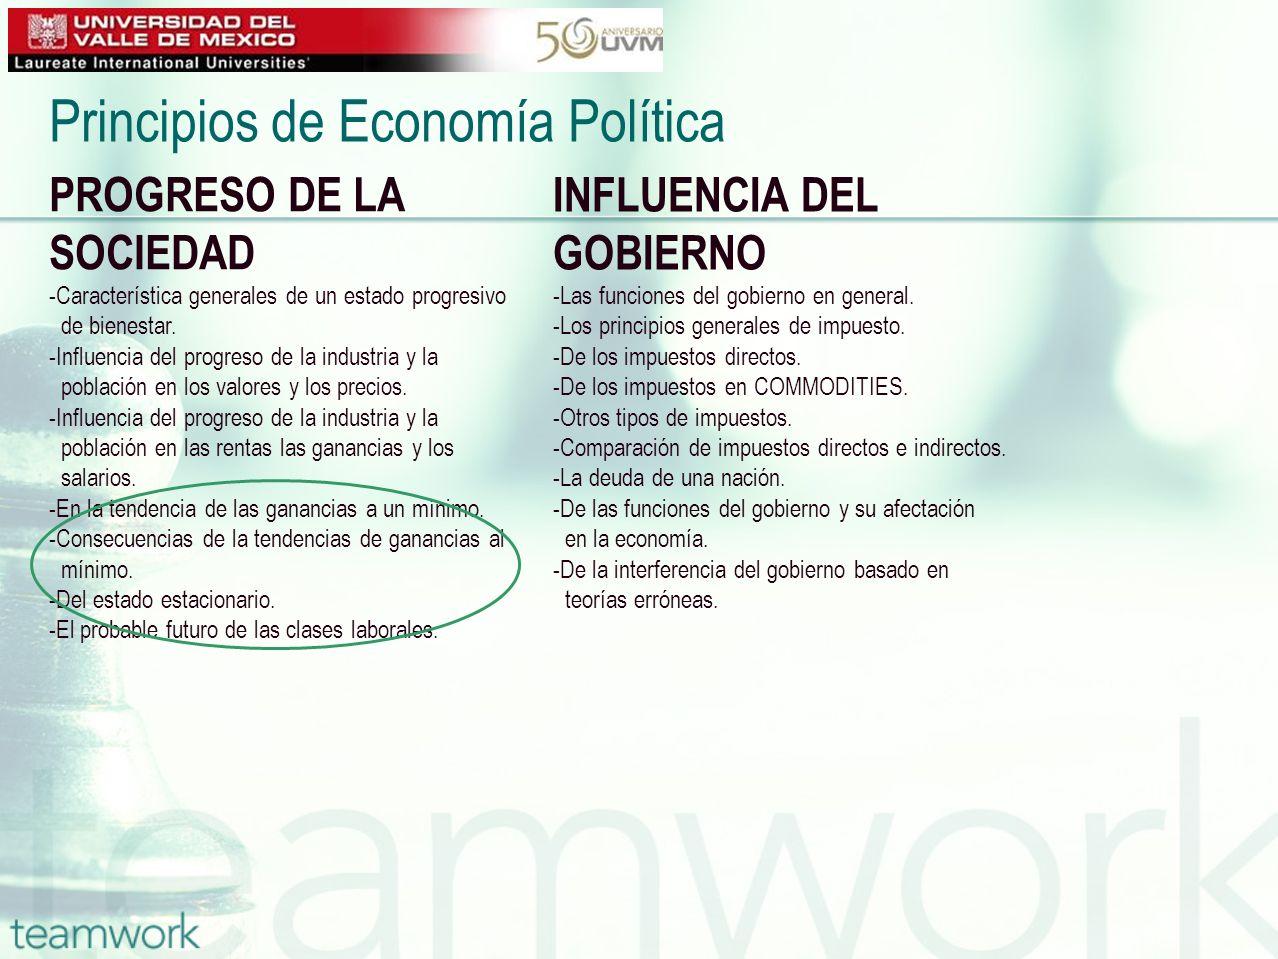 PROGRESO DE LA SOCIEDAD -Característica generales de un estado progresivo de bienestar. -Influencia del progreso de la industria y la población en los